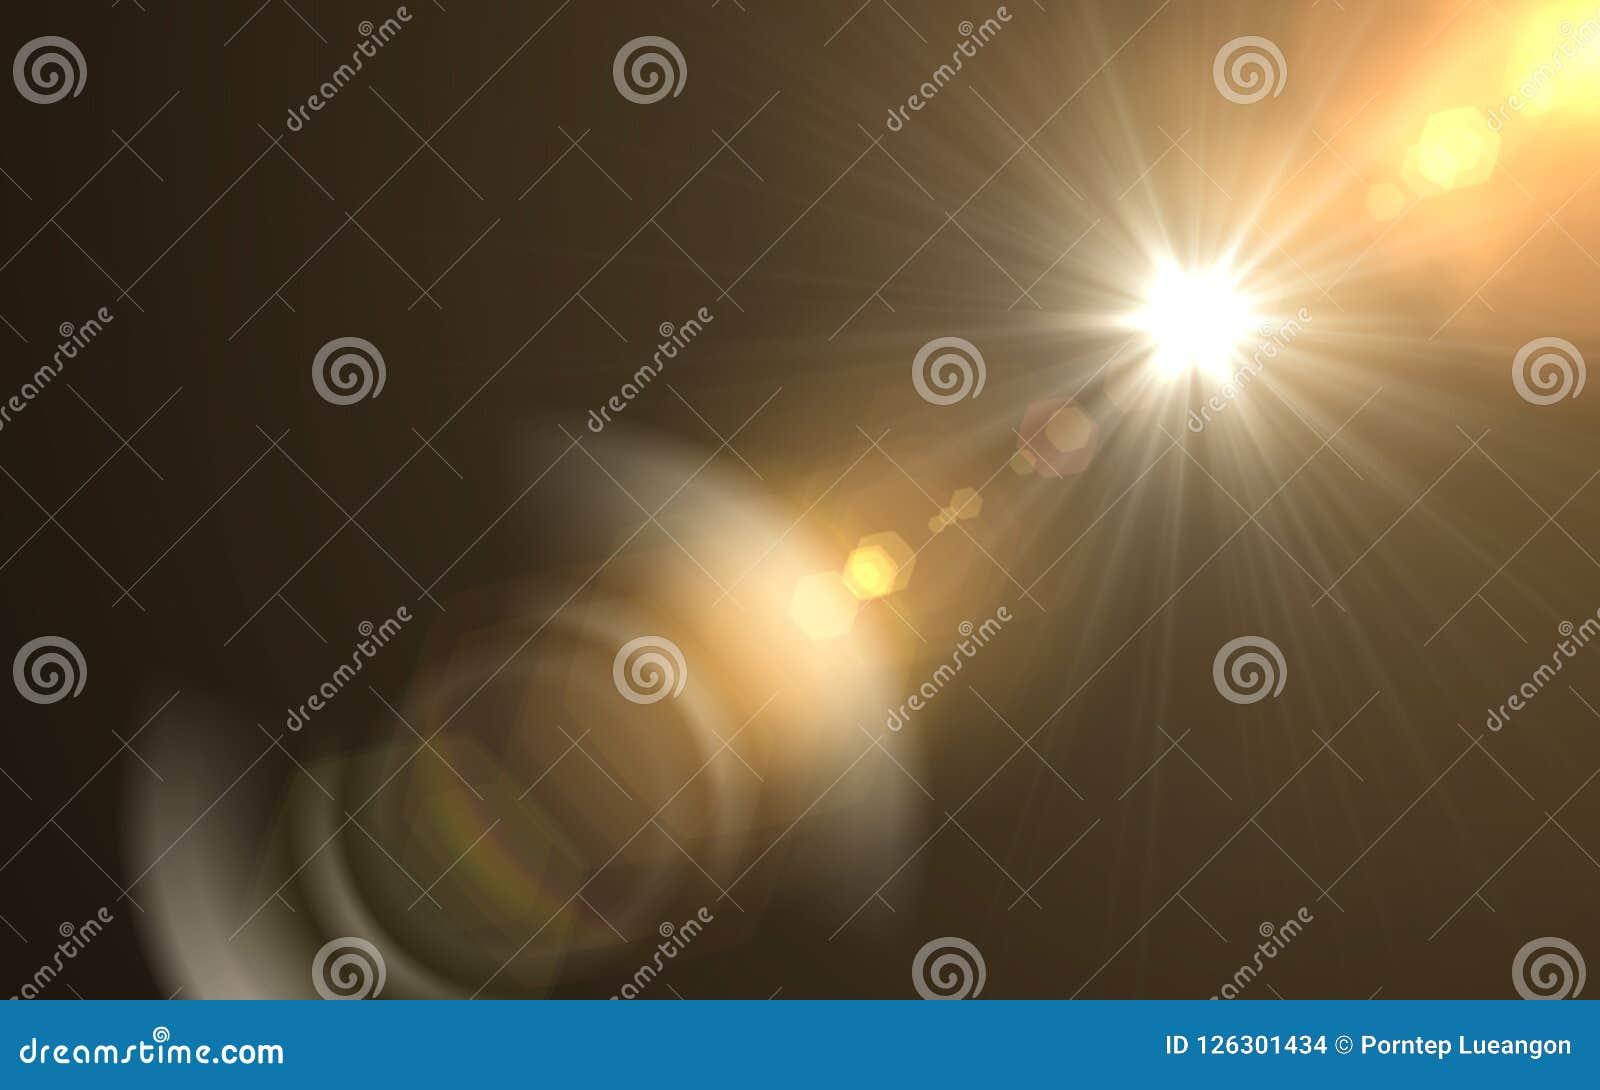 Abstracte die zon met de digitale achtergrond van de lensgloed is gebarsten De abstracte digitale lens flakkert speciale verlicht